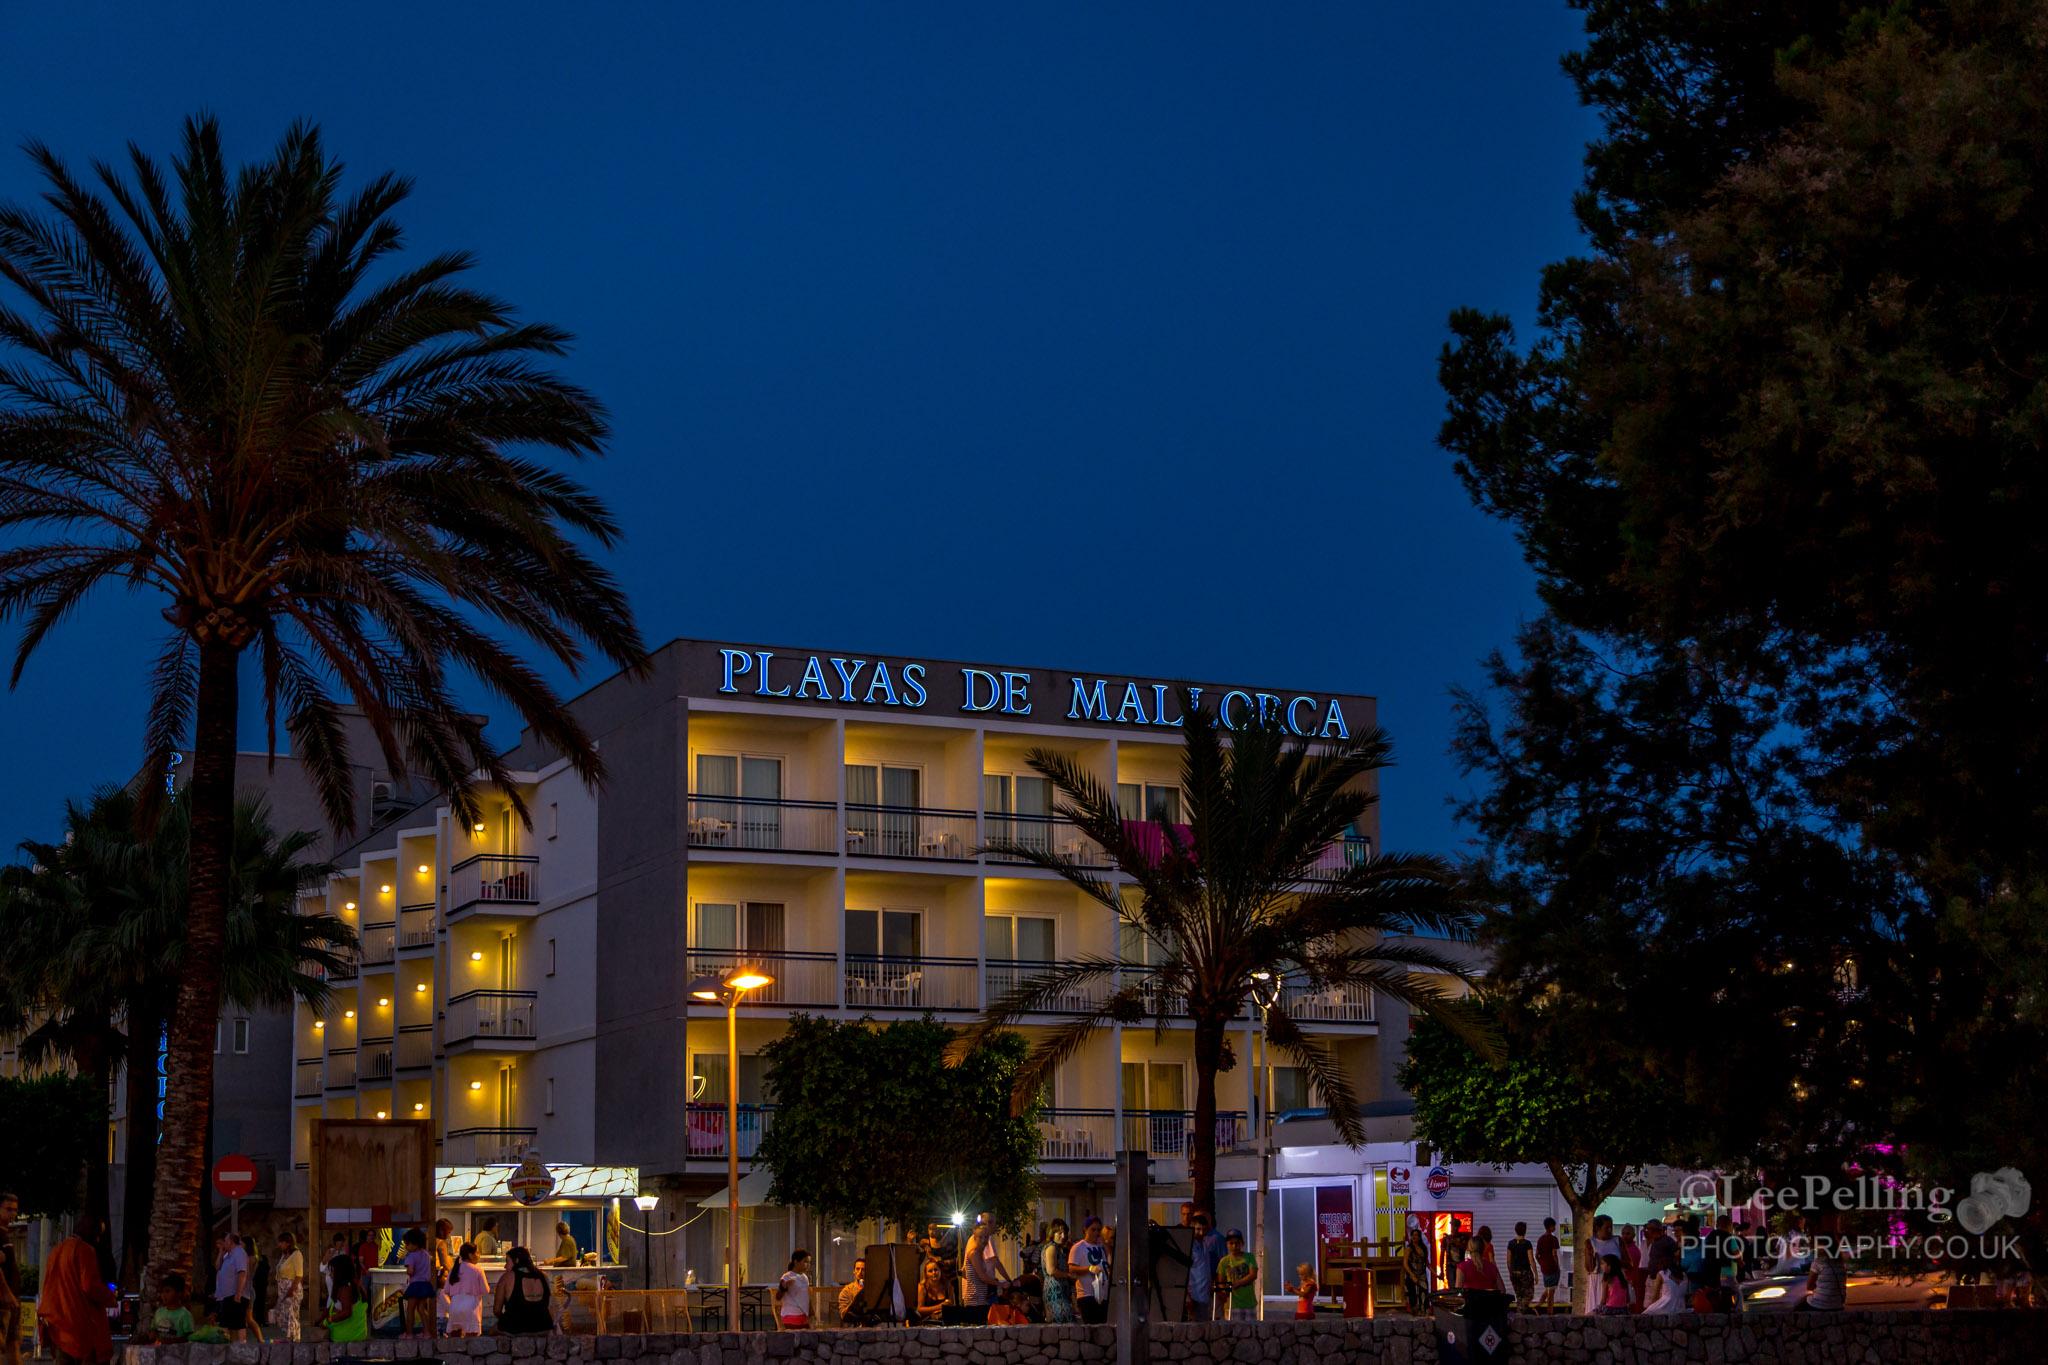 Hesperia Playas De Mallorca